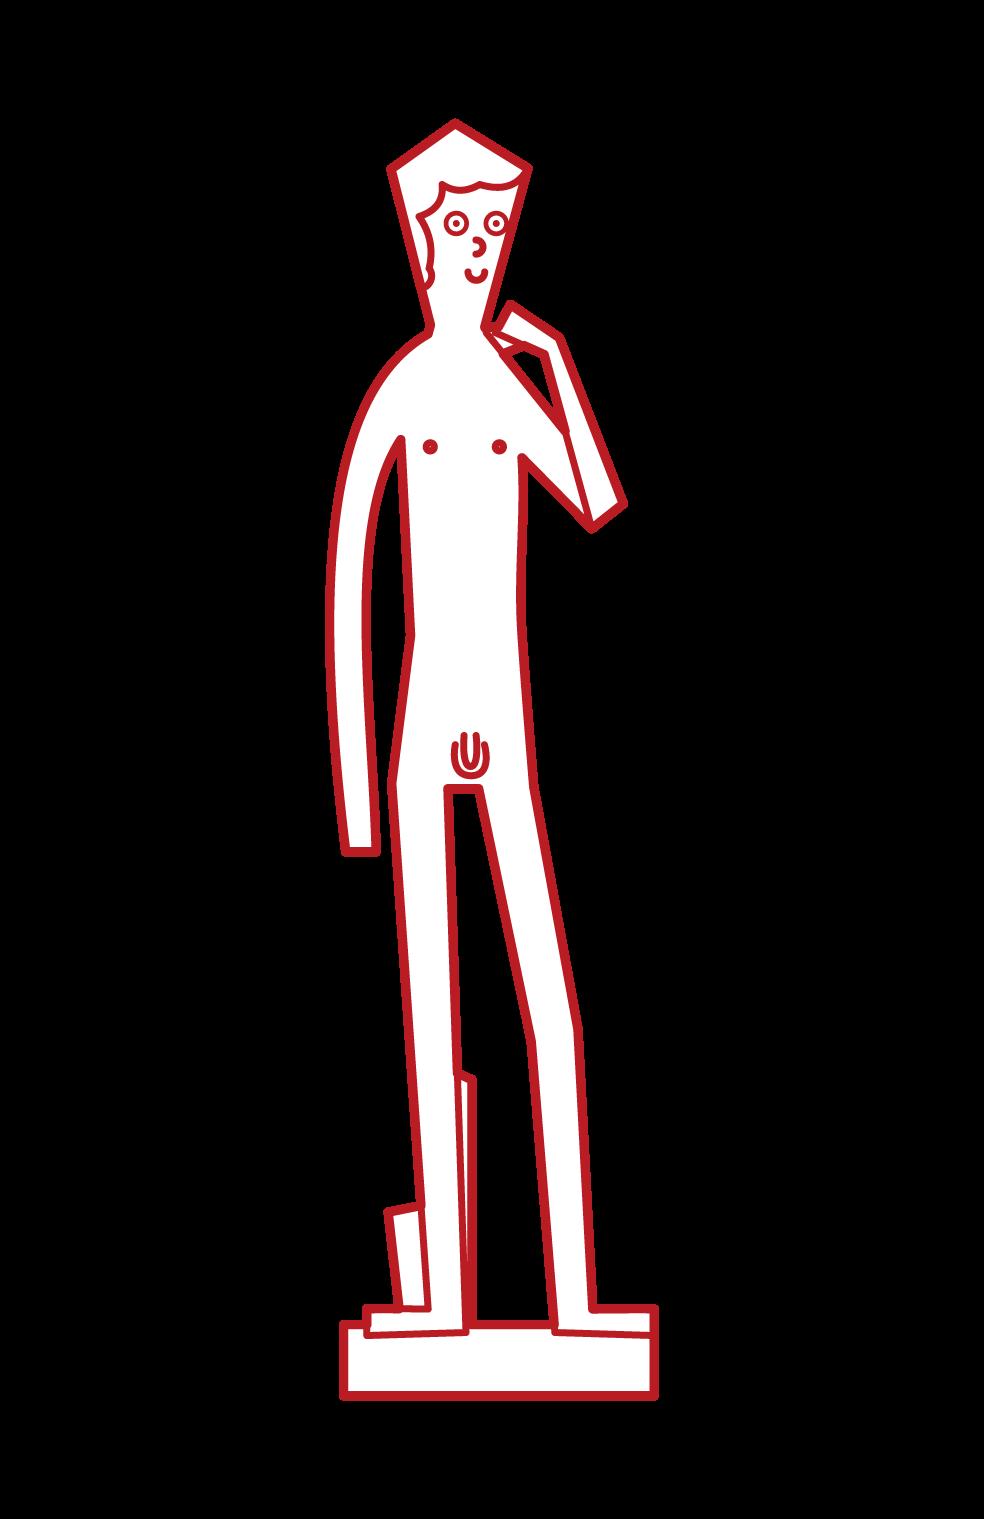 ダビデ像のイラスト